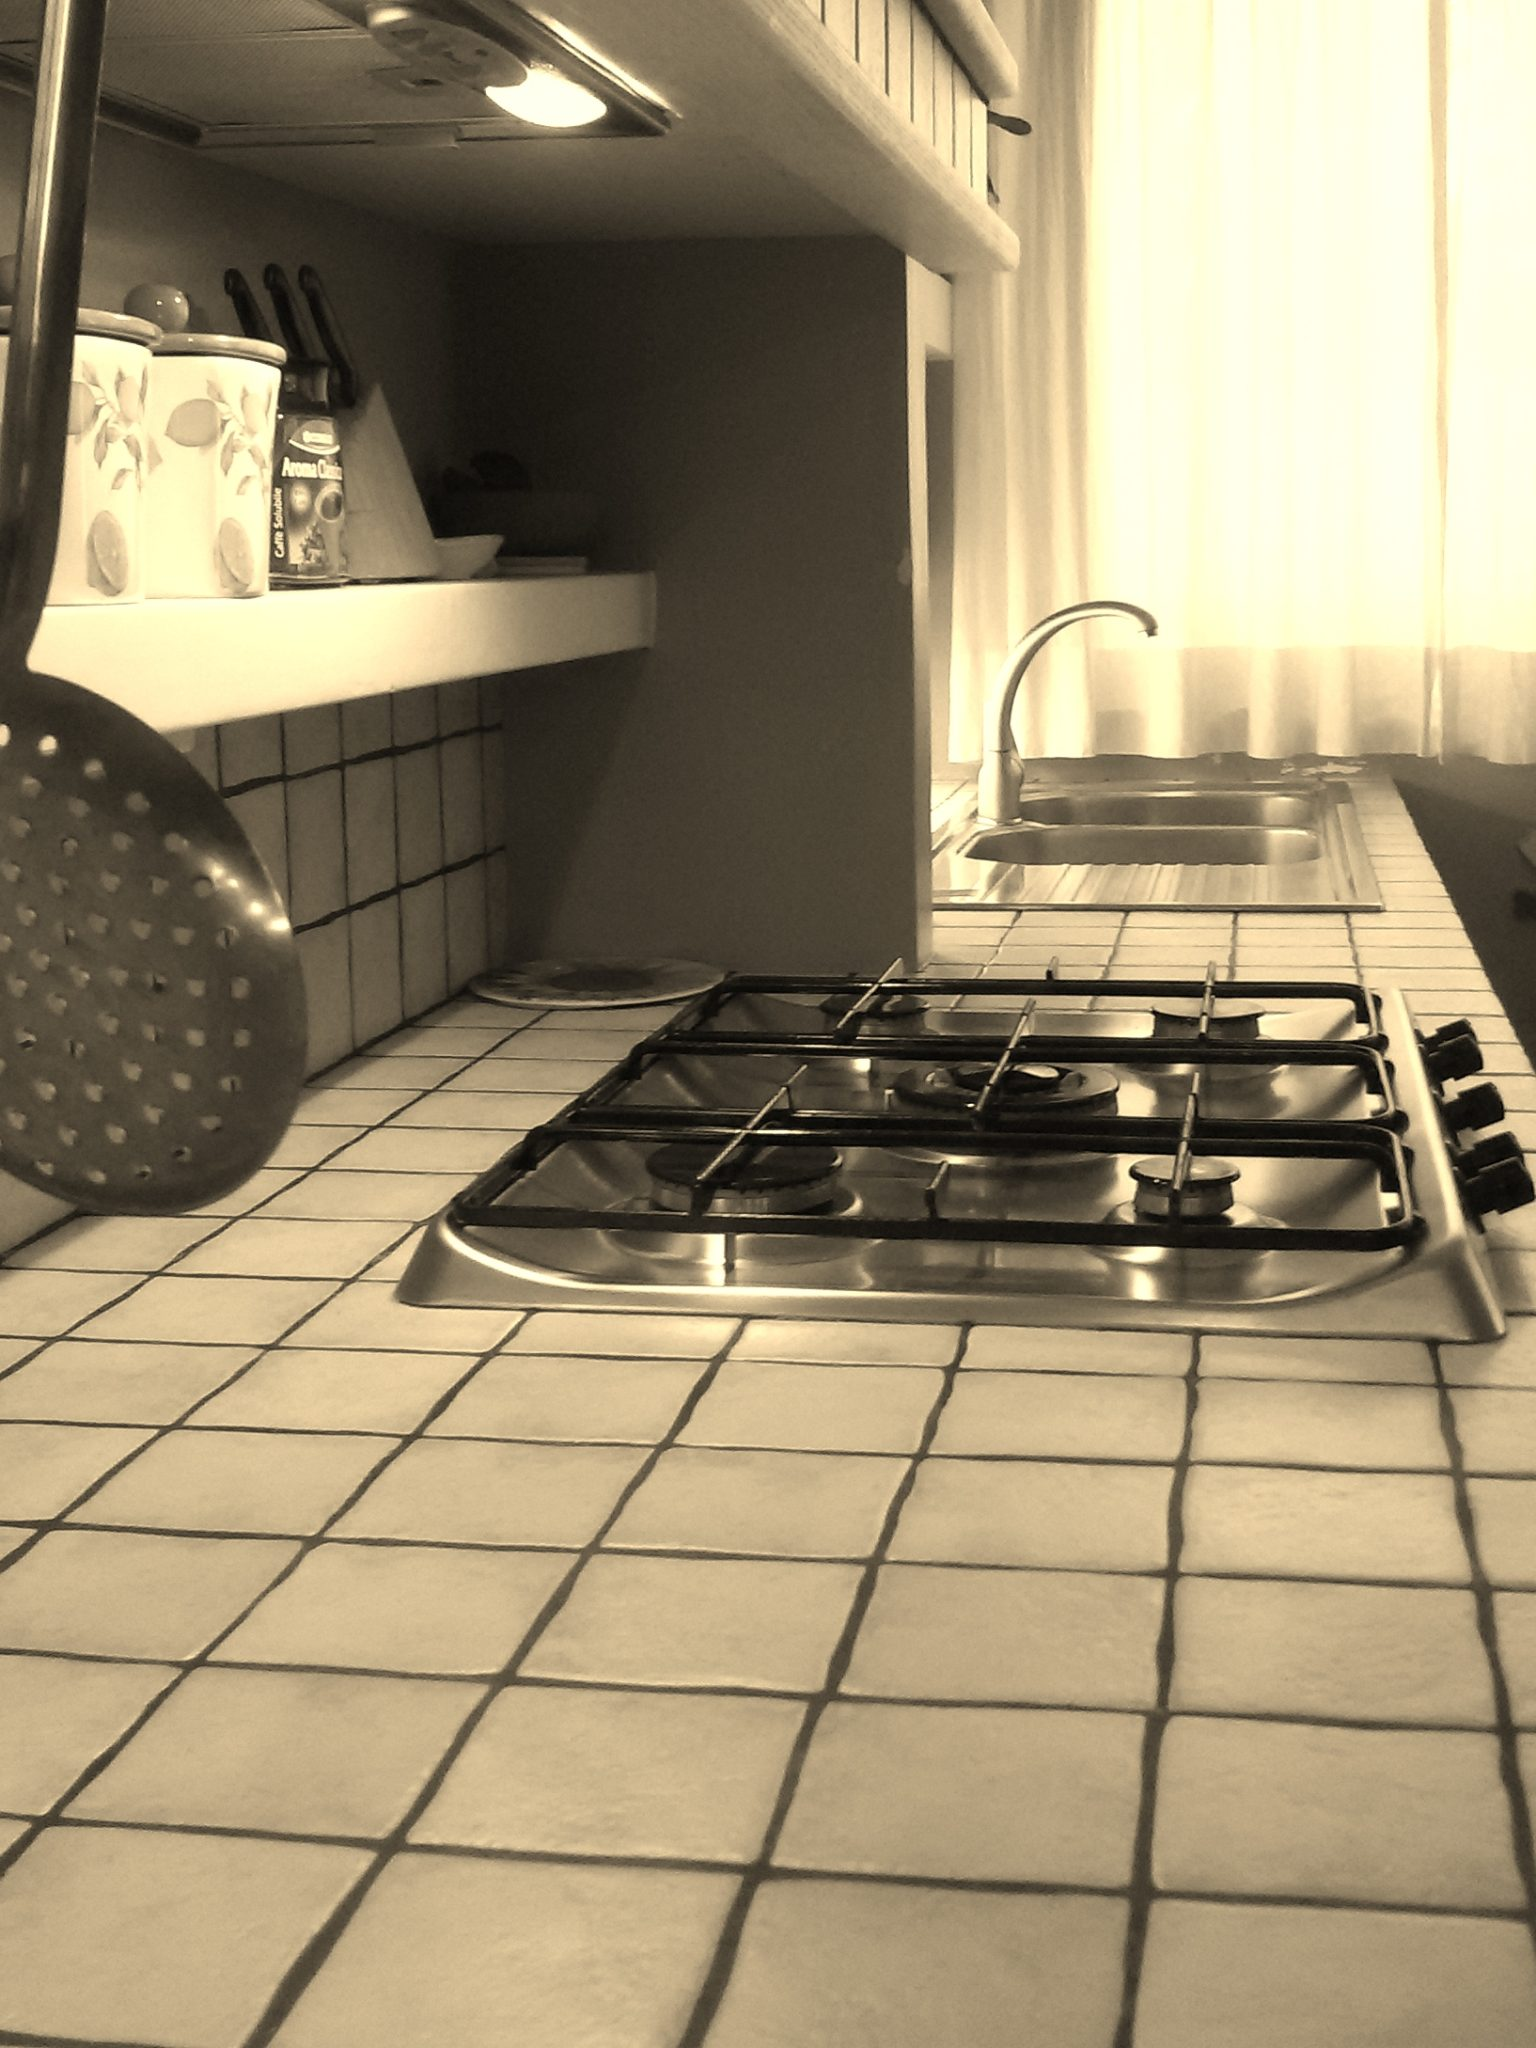 Quale top per la cucina il piano piastrellato lineatre kucita gli esperti dell 39 arredamento - Piano cucina in muratura ...